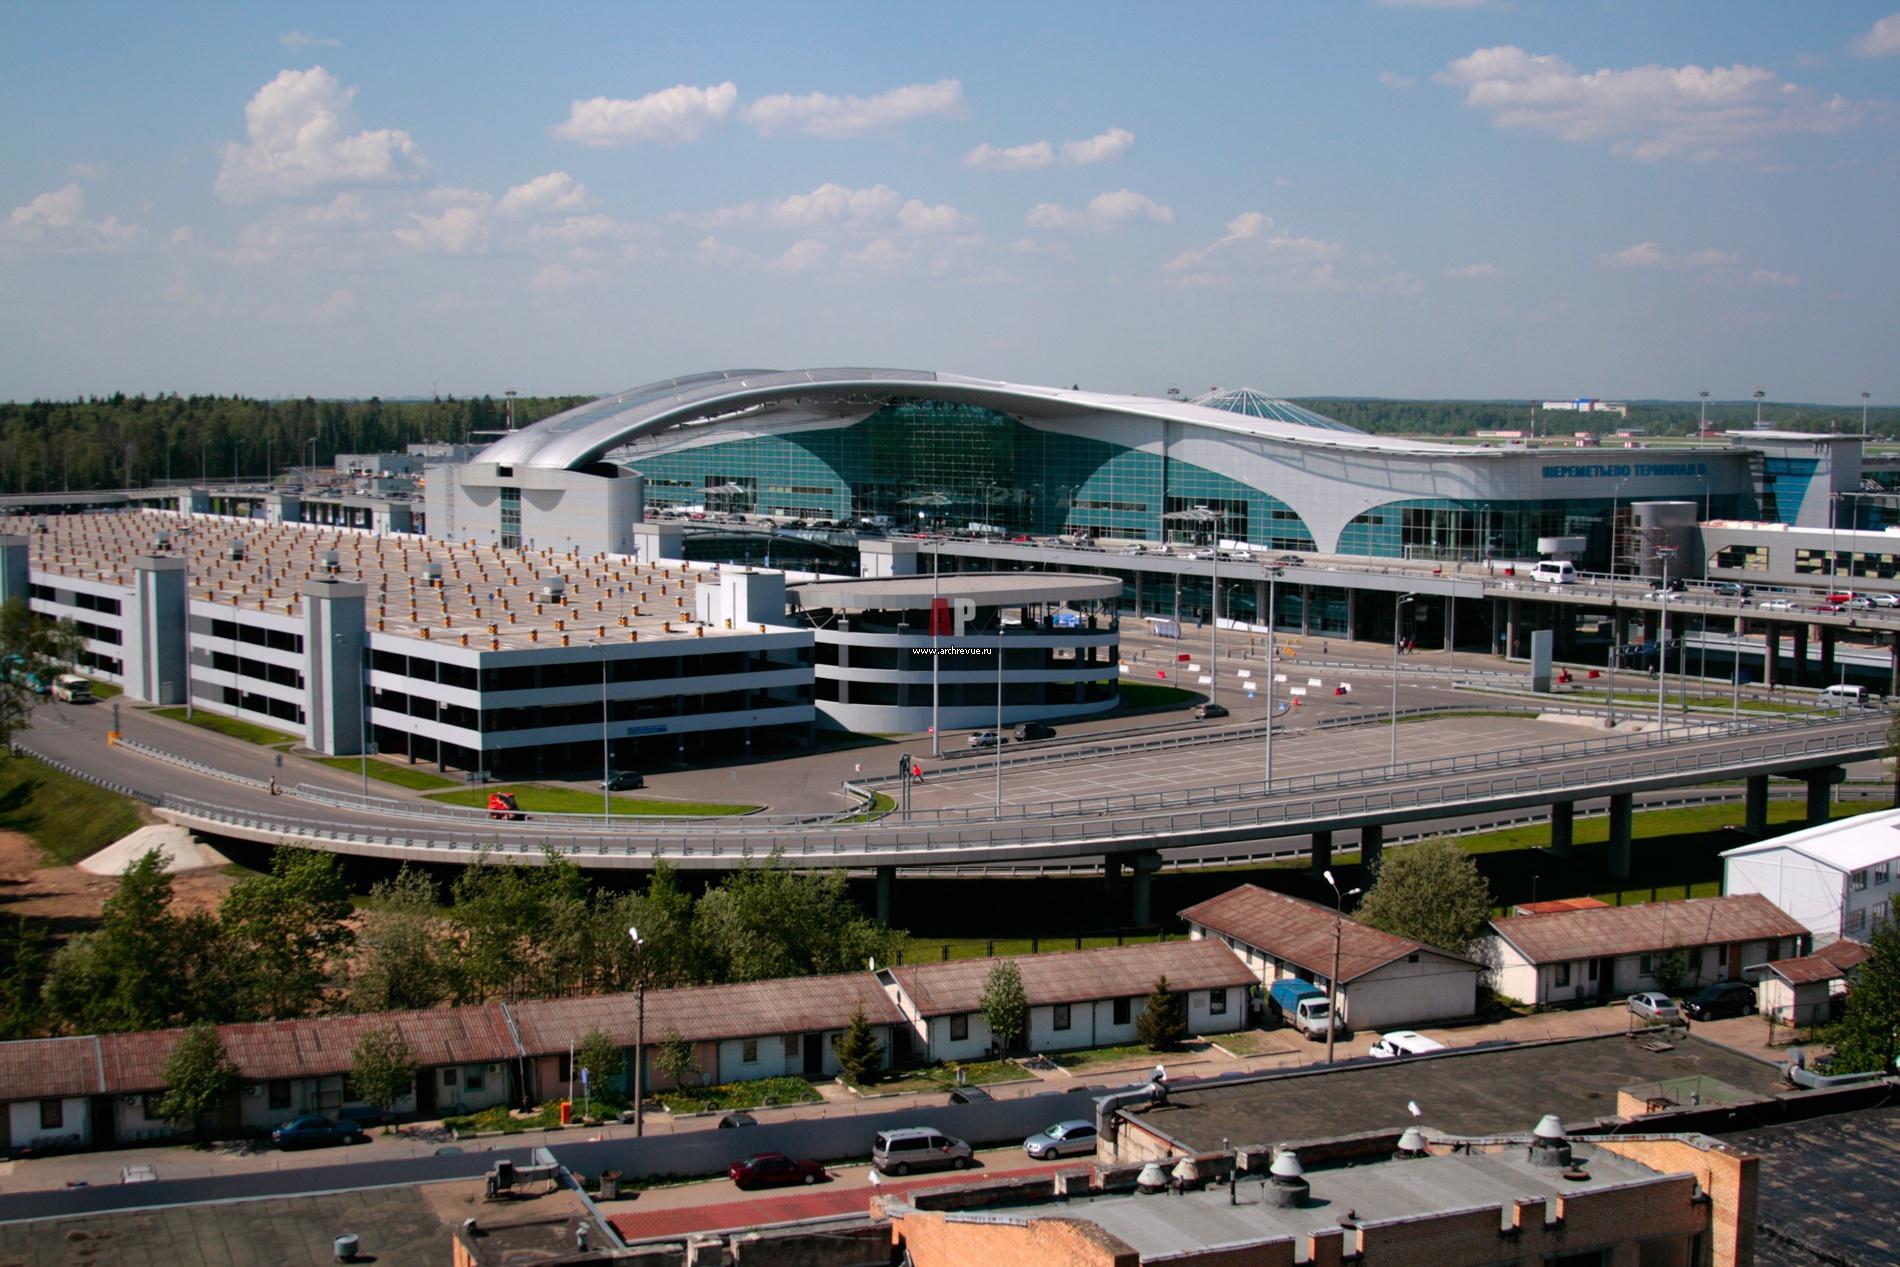 В Шереметьево не будут объявлять фамилии опаздывающих на посадку пассажиров